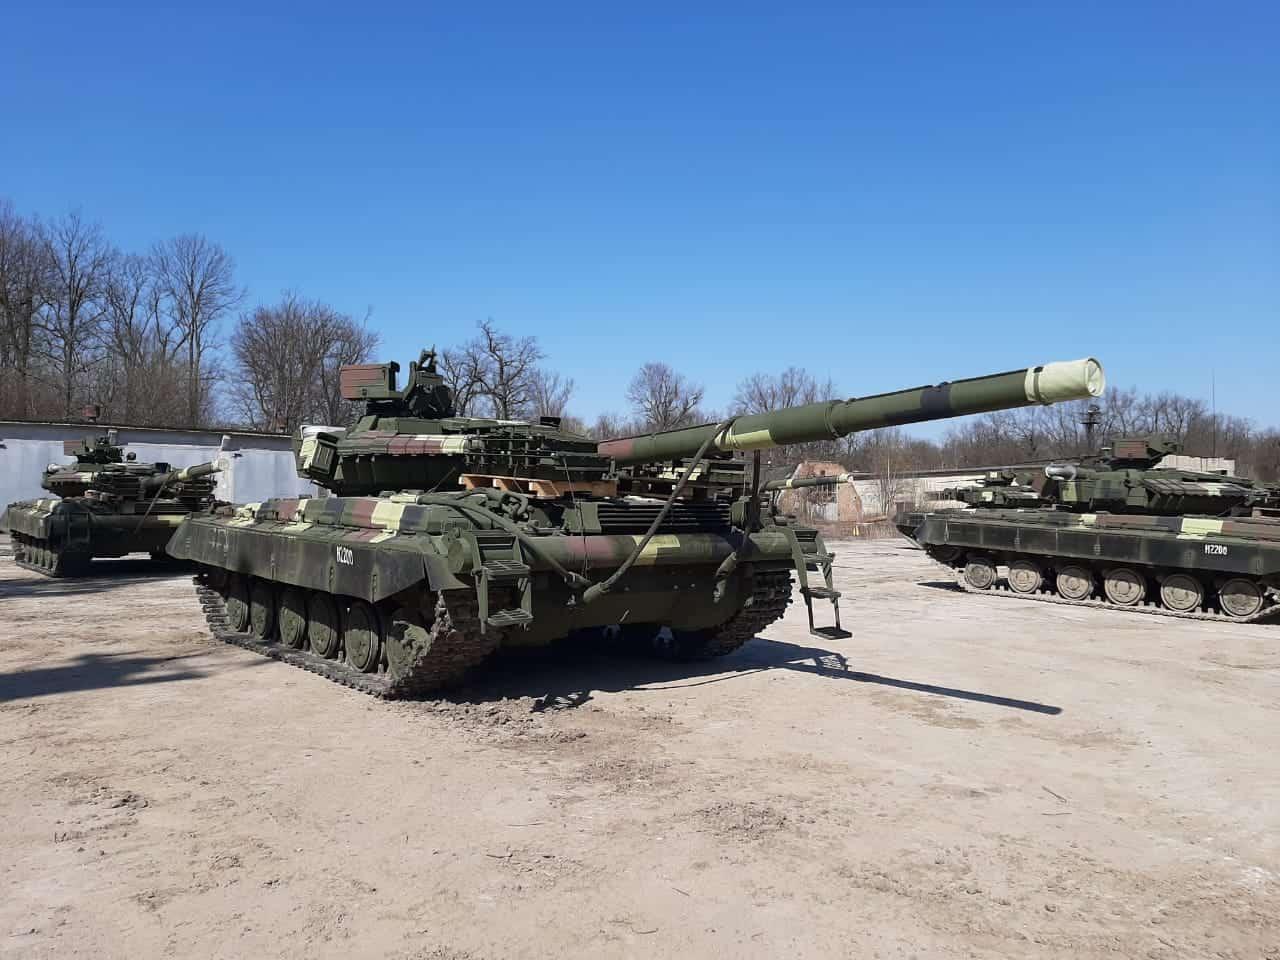 Львівський бронетанковий передав нову партію модернізованих Т-64